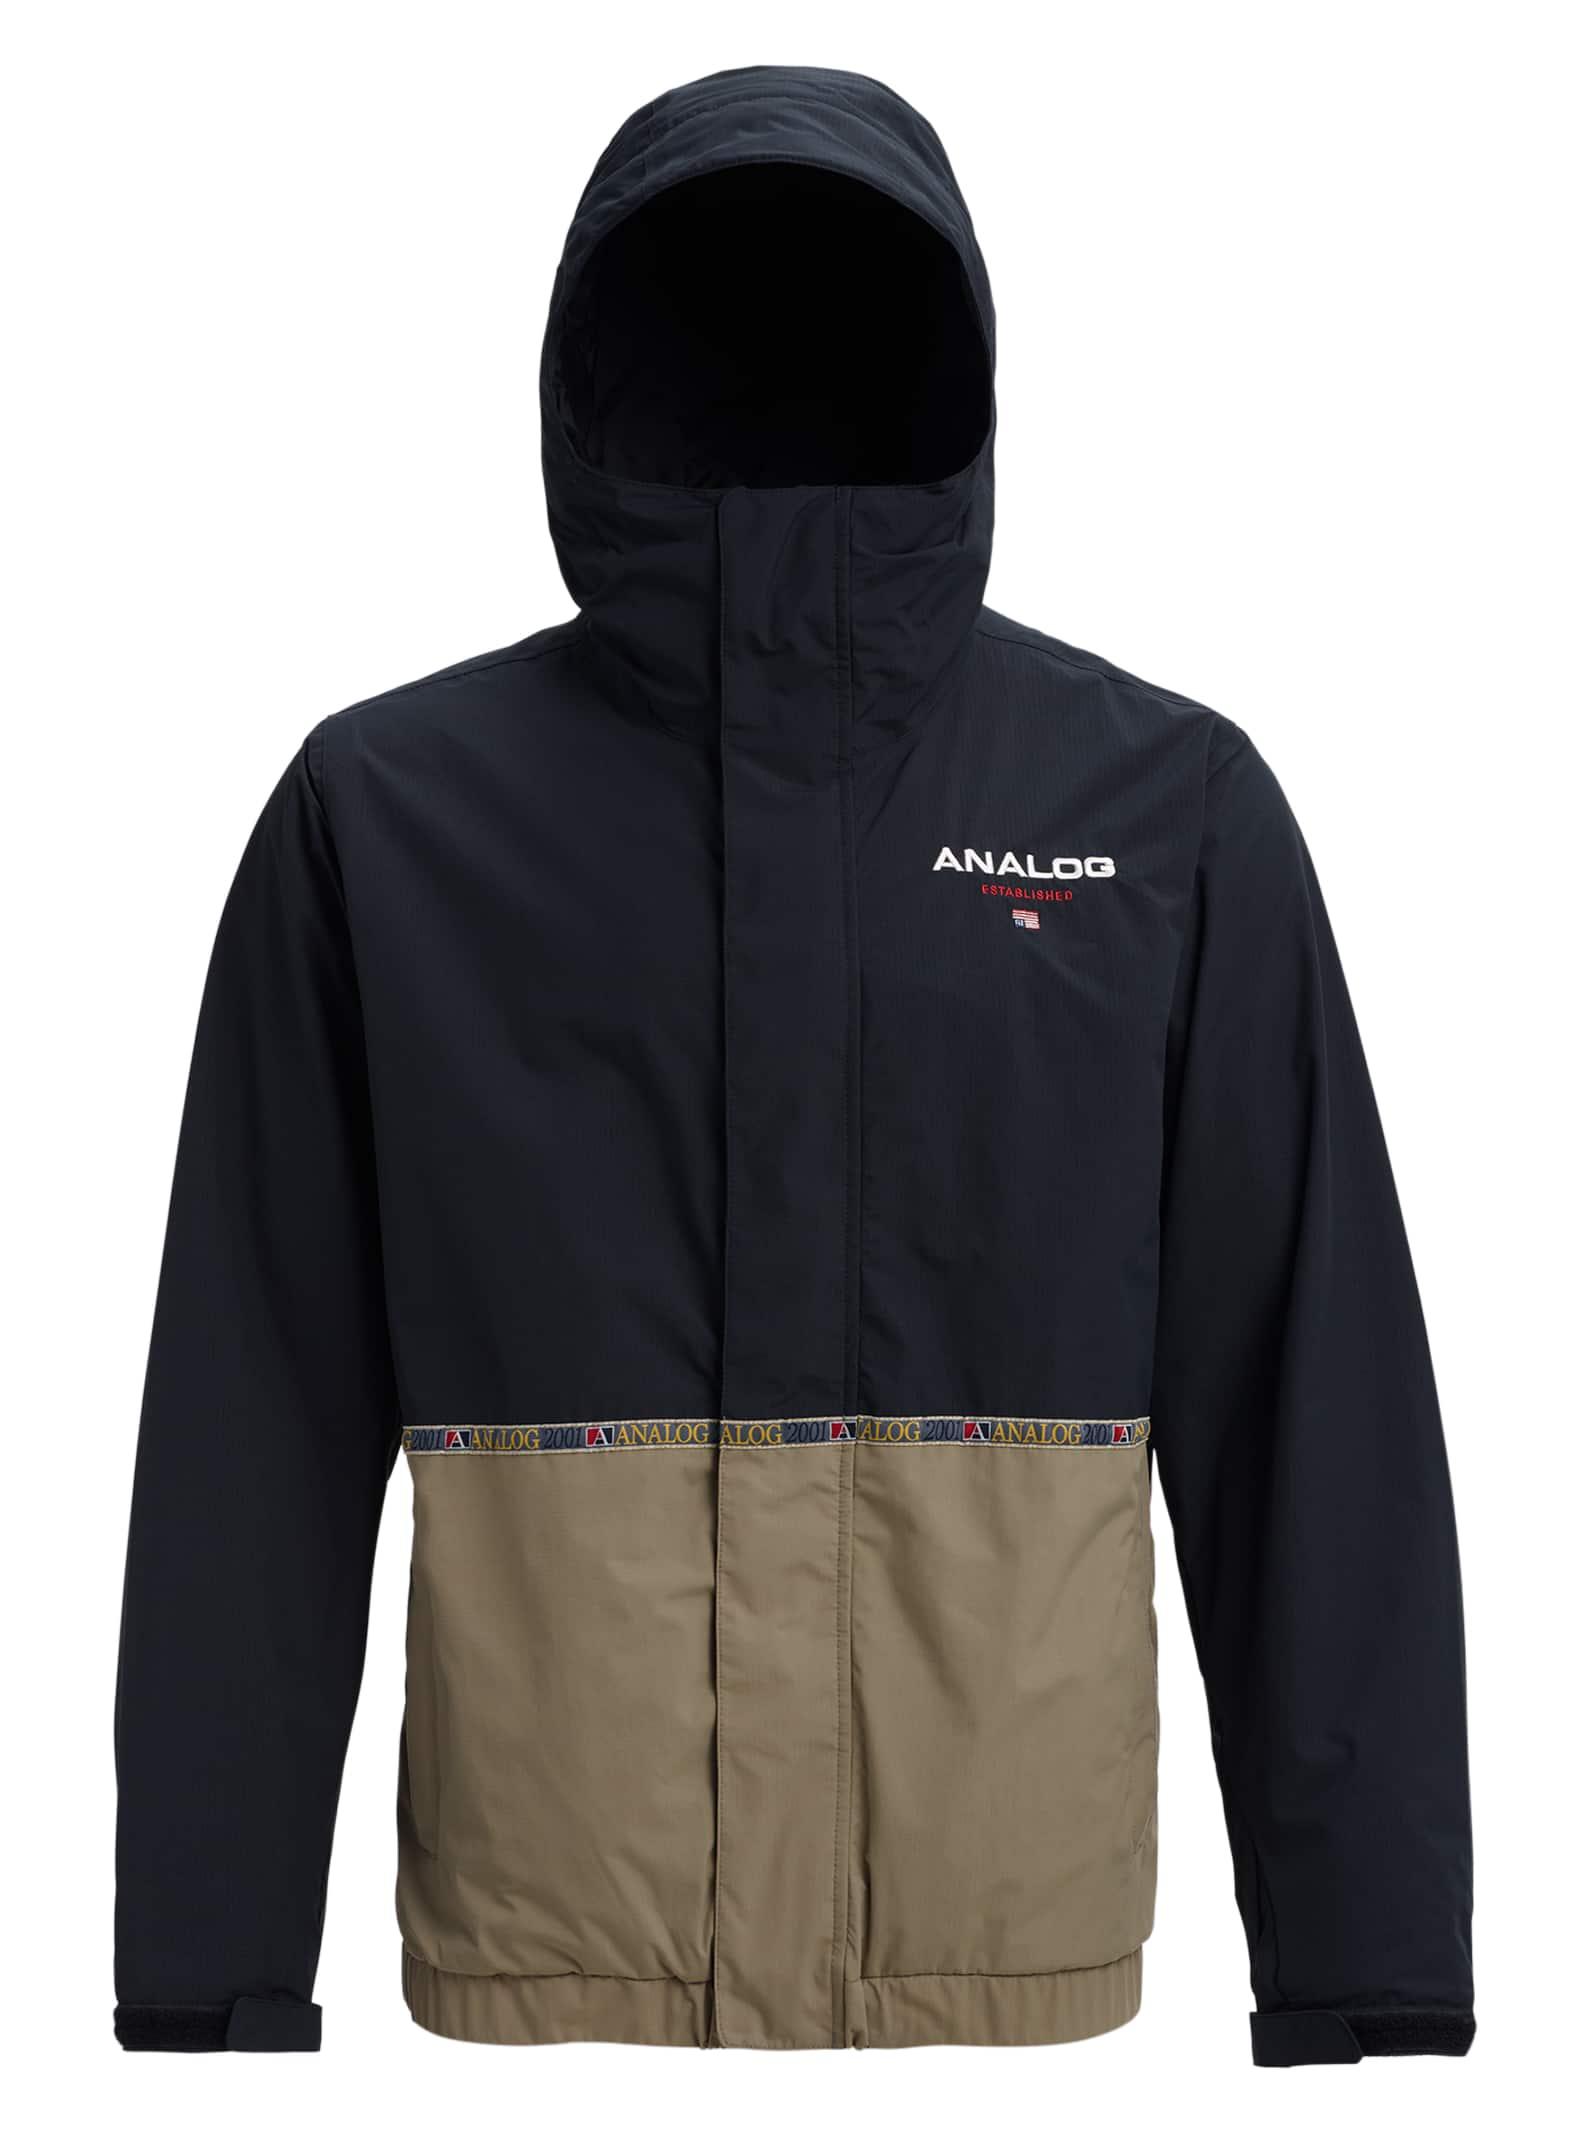 7cd269608f5 Men s Analog Blast Jacket